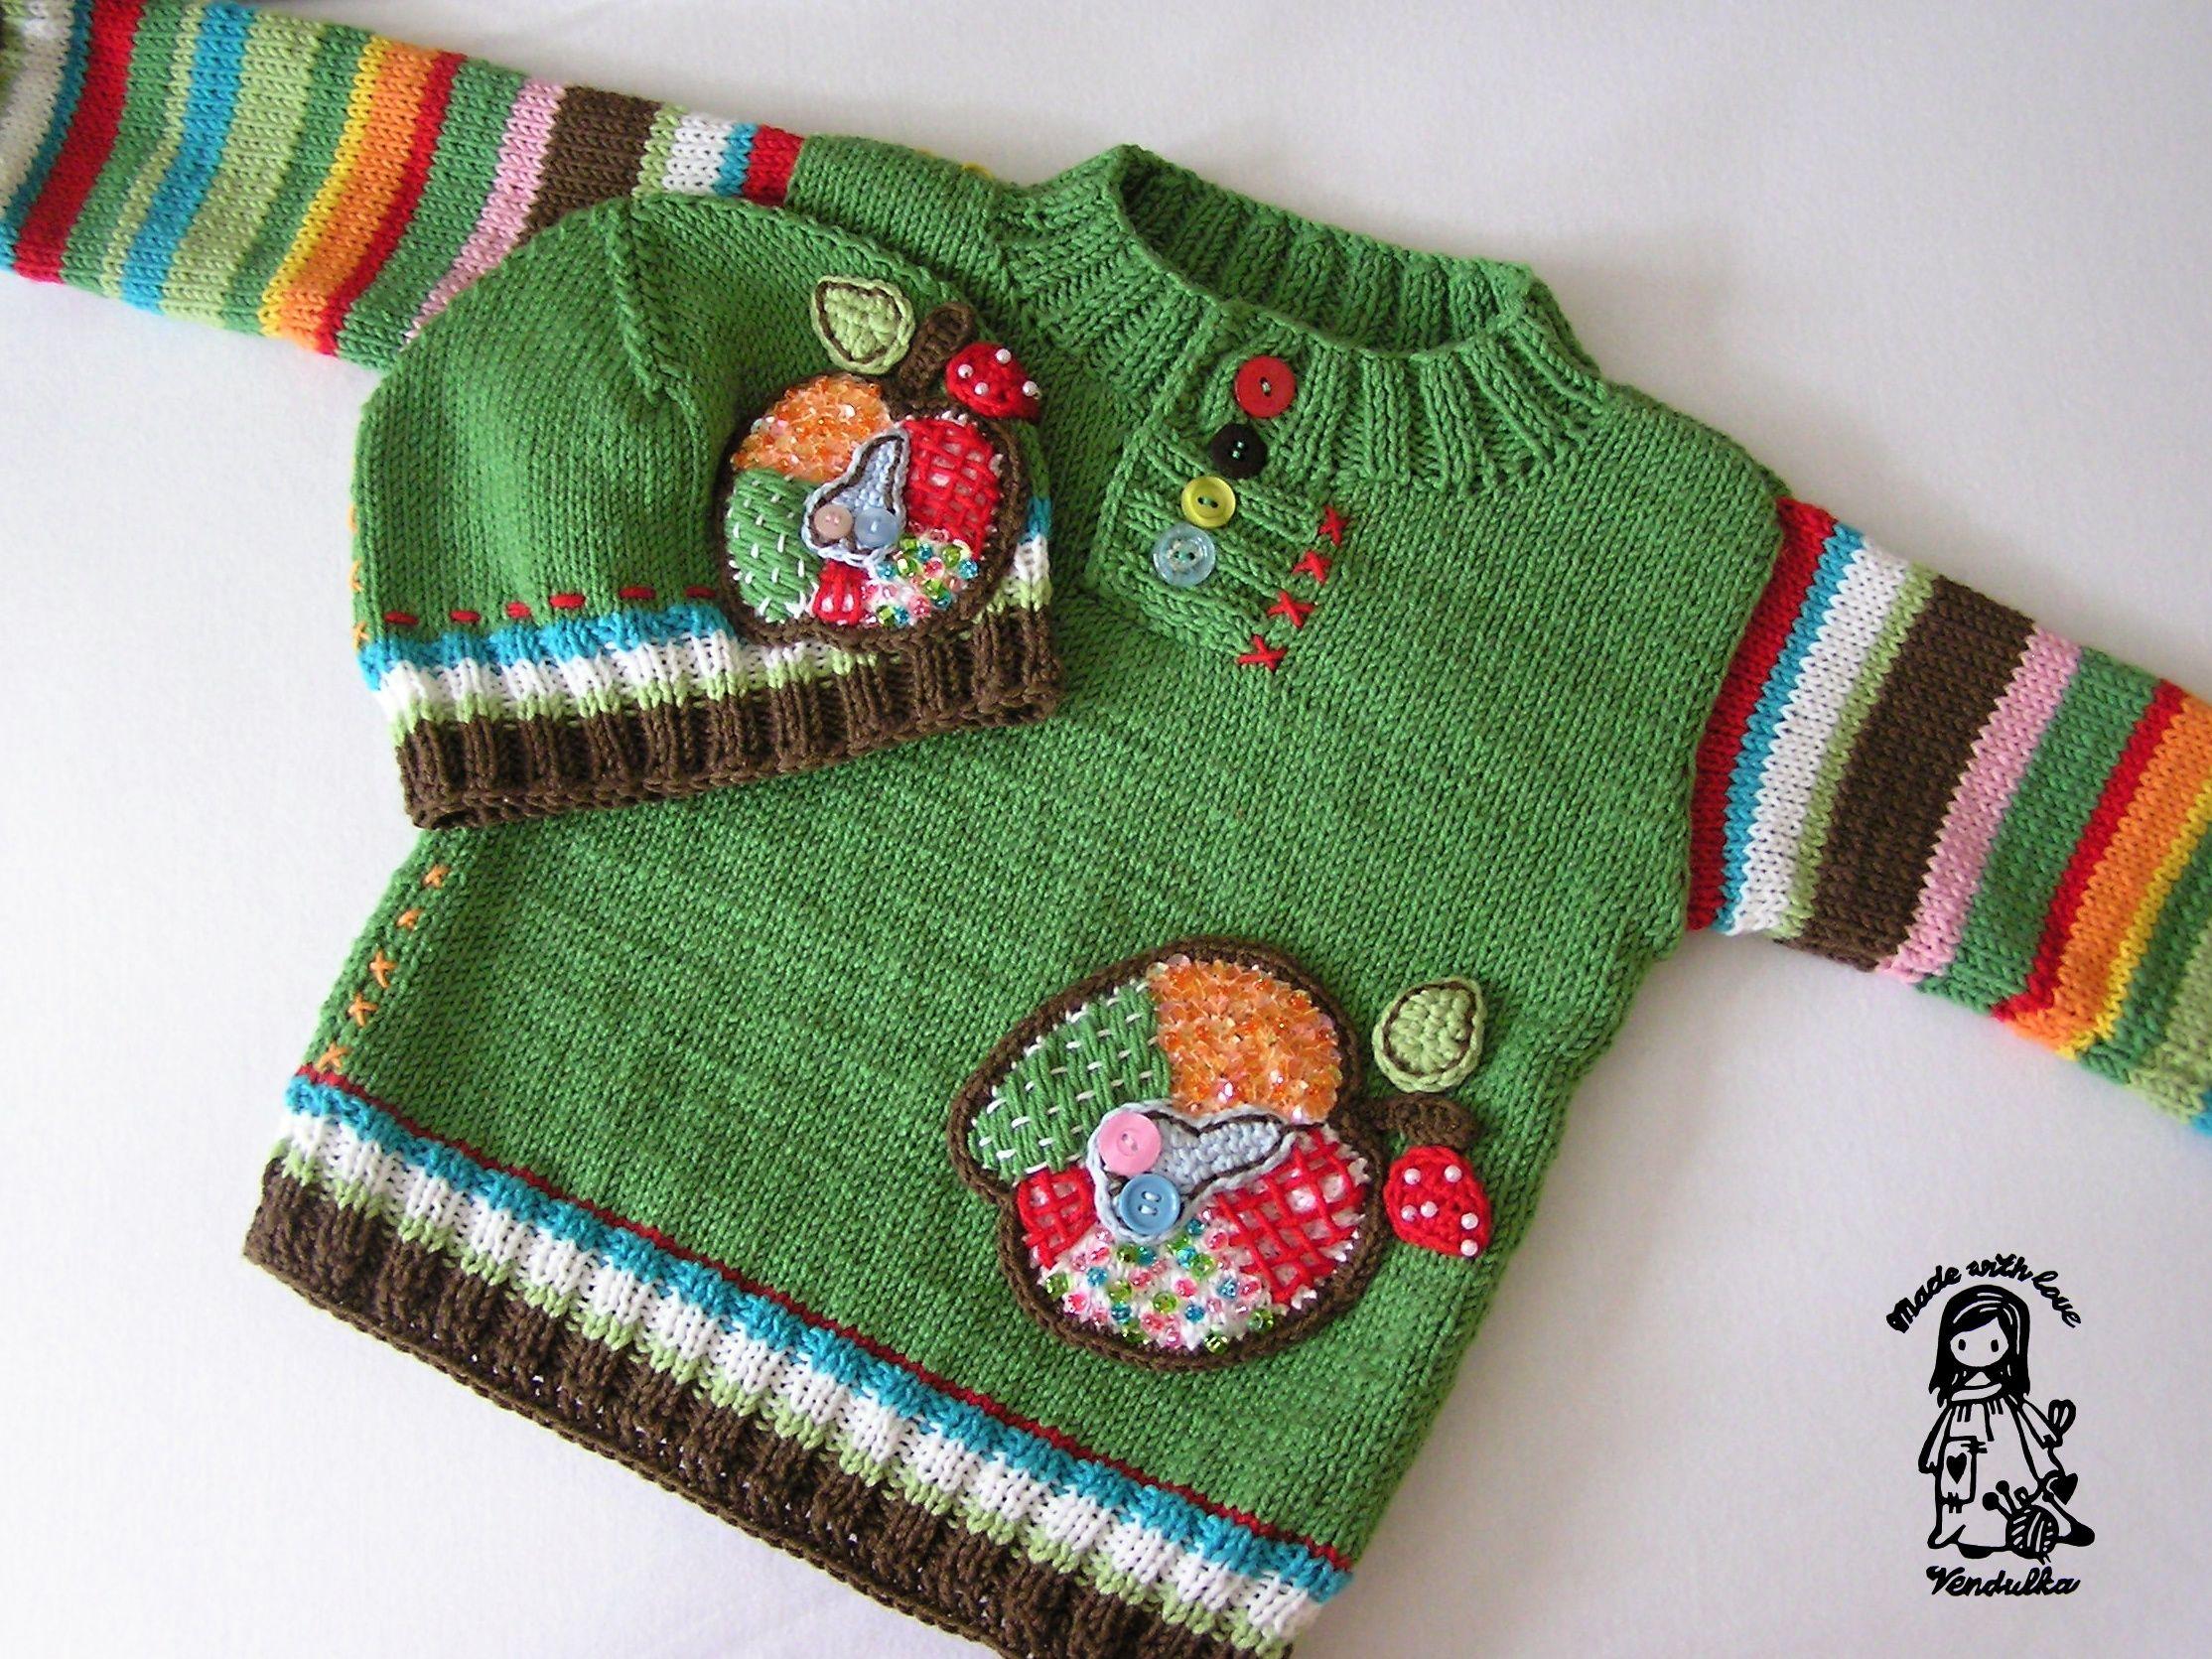 6473c7ef9 Pletený svetr pro děti - návod zdarma | Detičky | Pletené, Svetre a ...